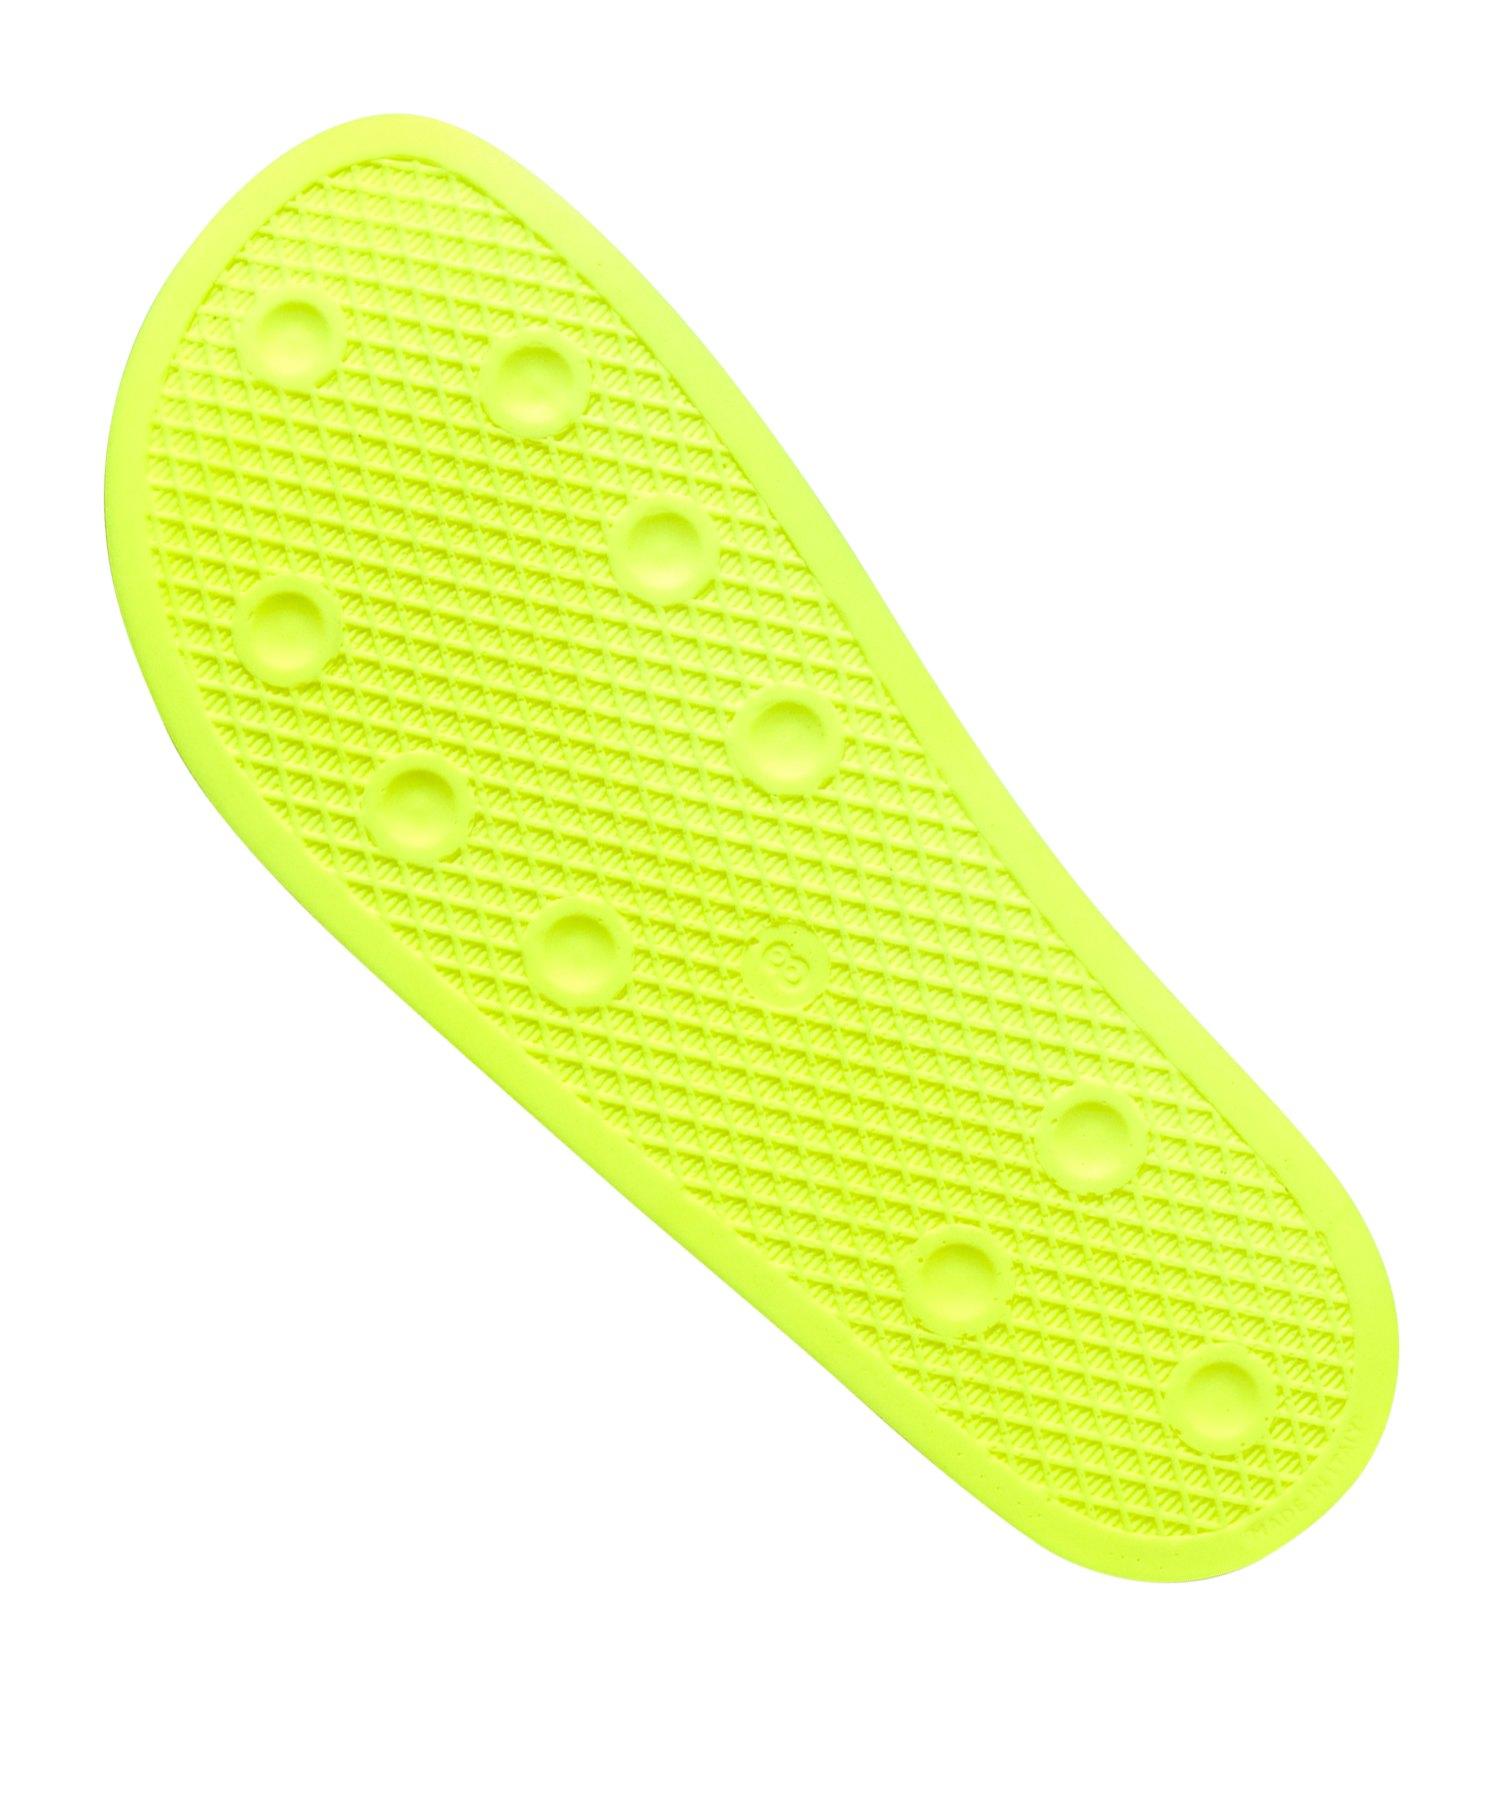 adidas Originals Adilette Badelatsche Gelb